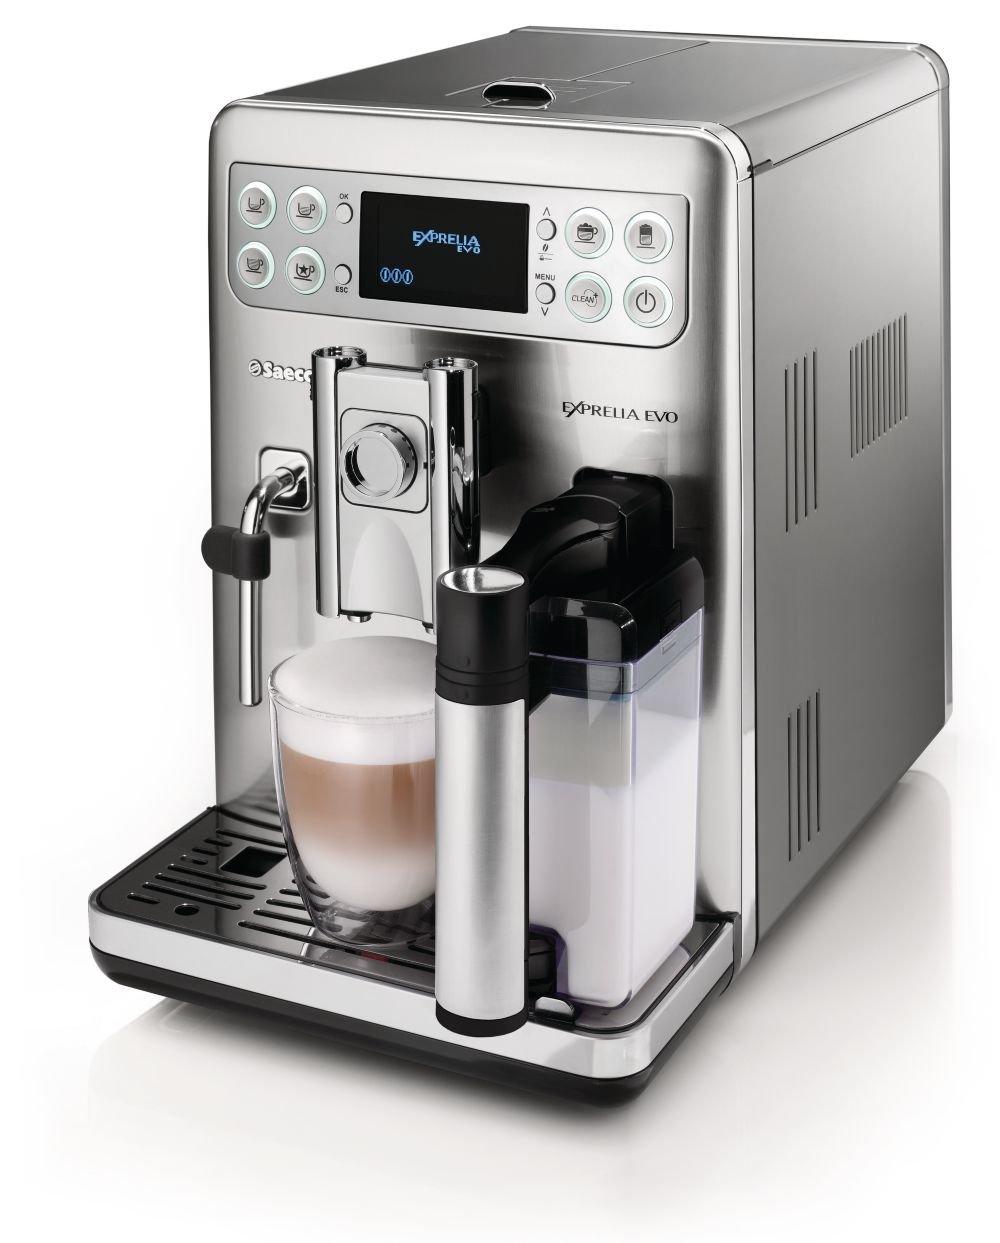 Saeco HD8857/47 Philips Exprellia EVO Fully Automatic Espresso Machine by Saeco